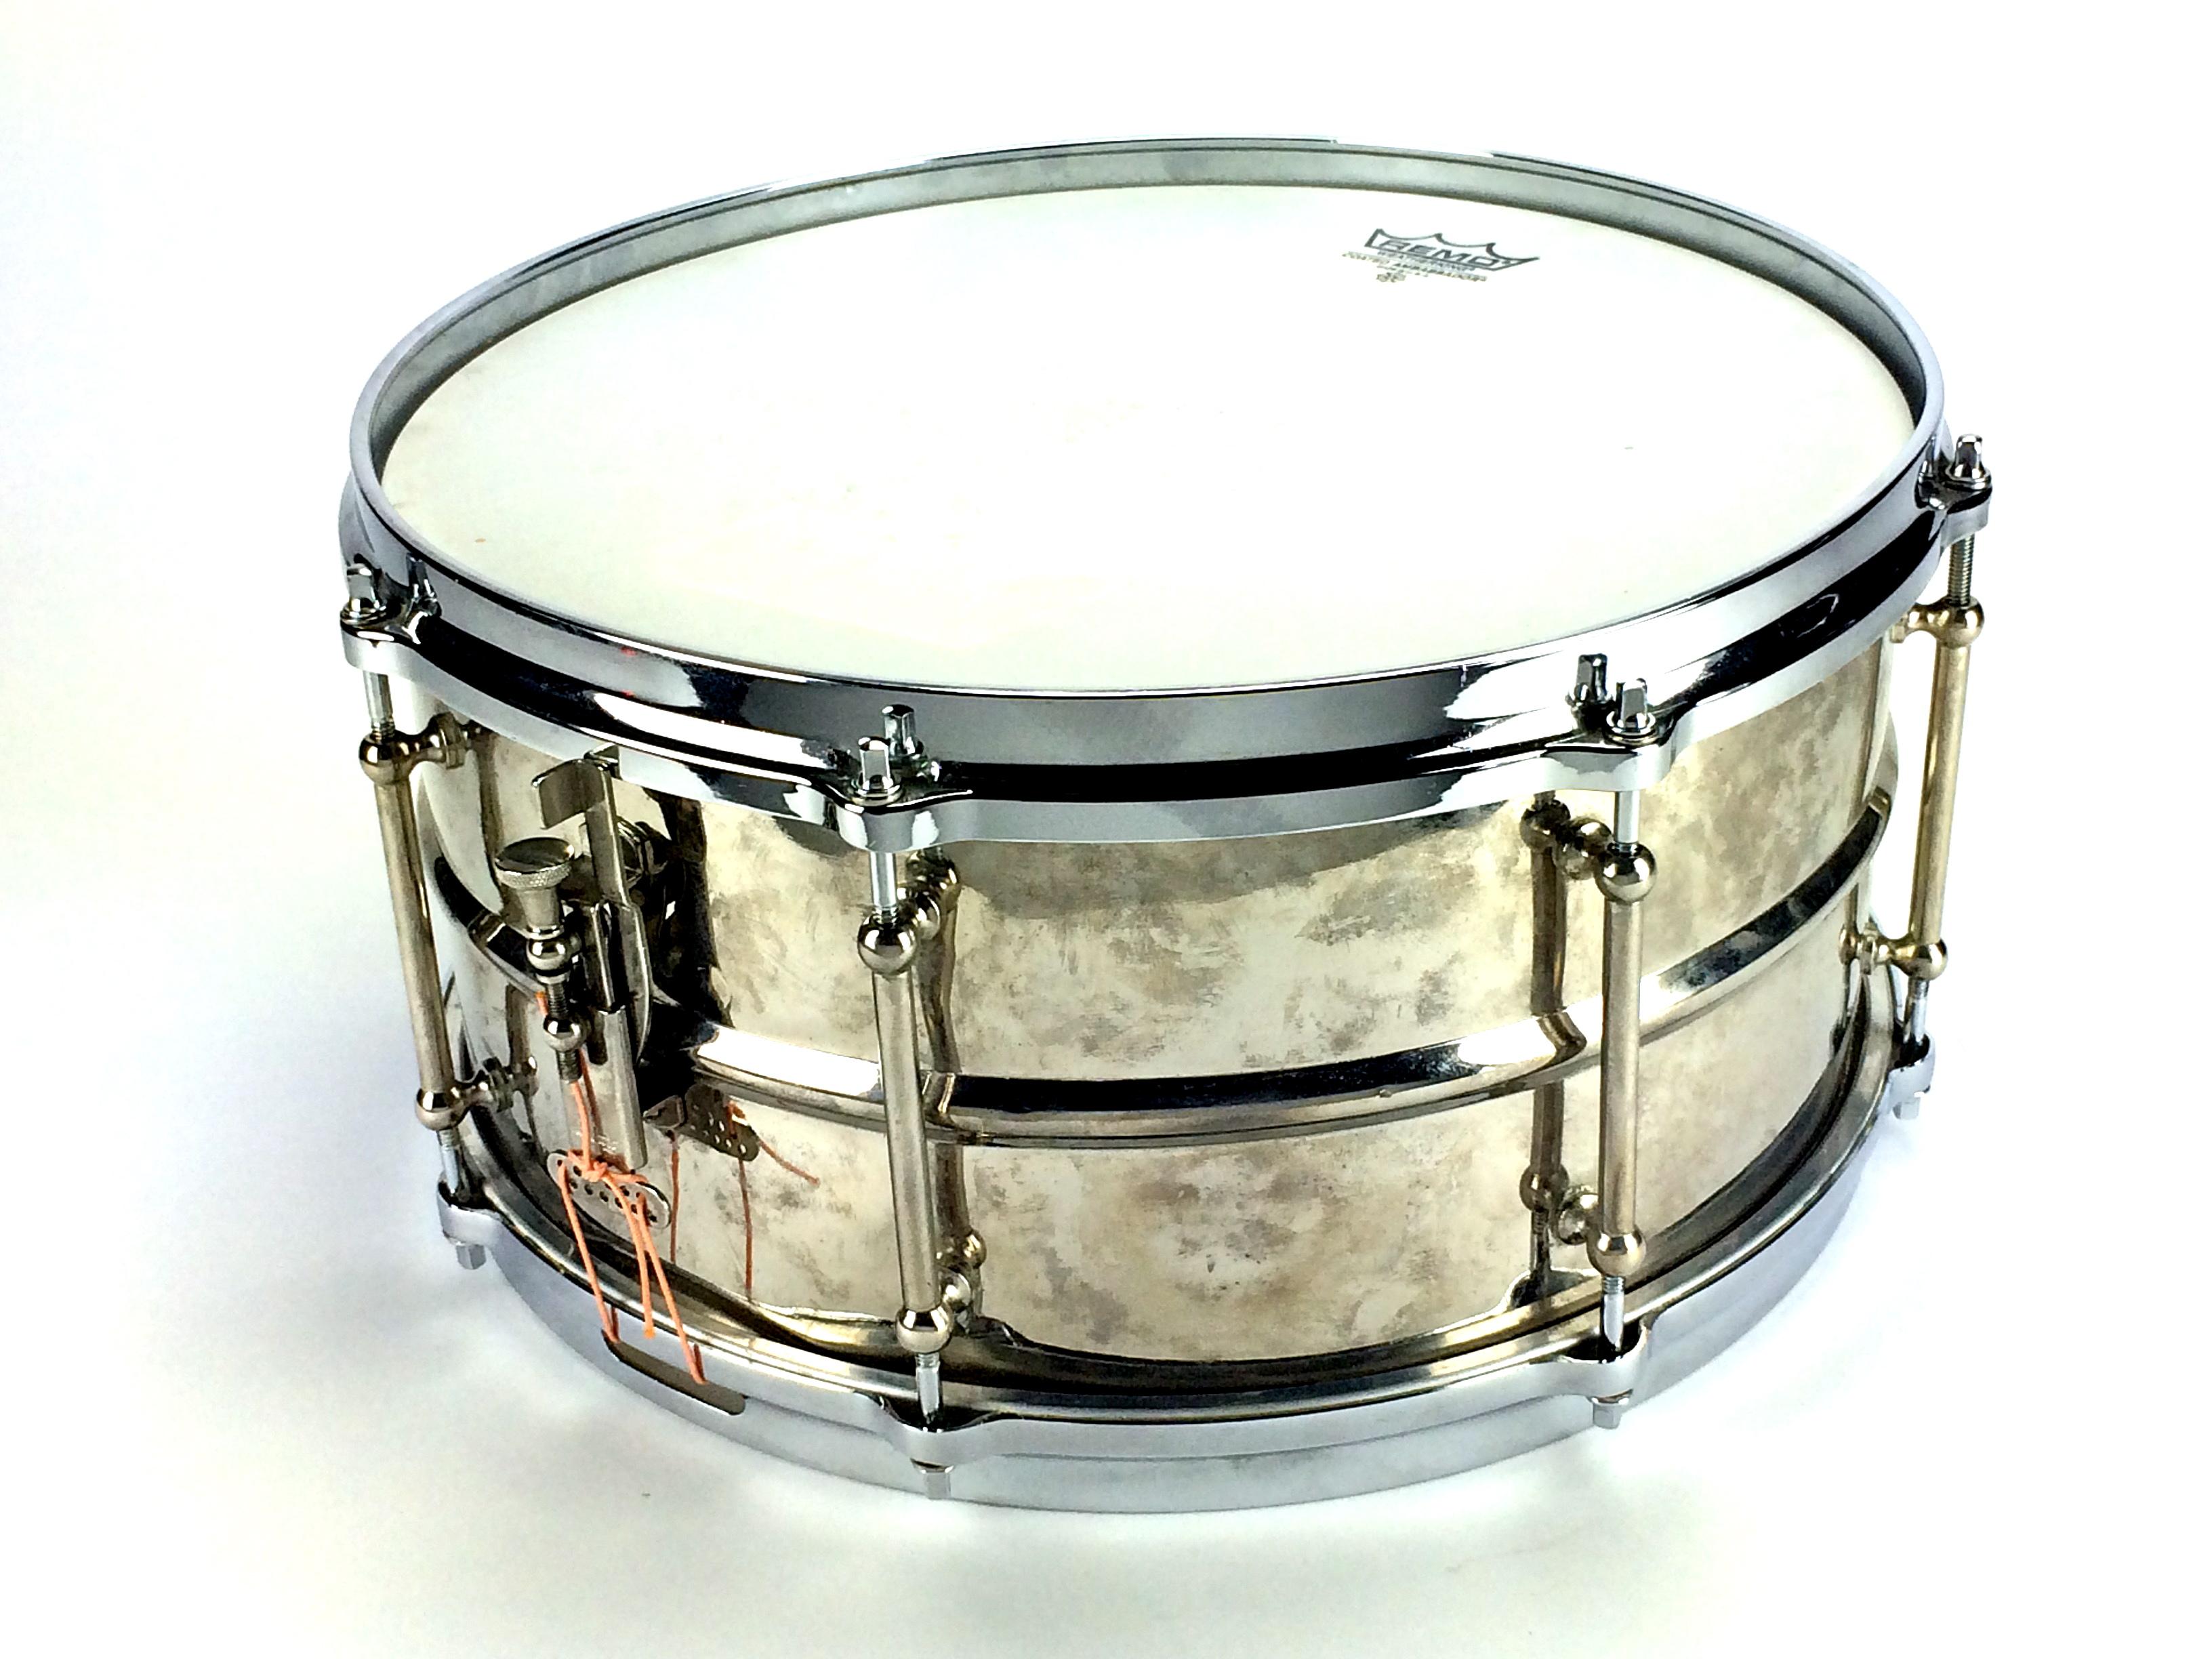 14x6.5in Slingerland Brass Shell Snare Image